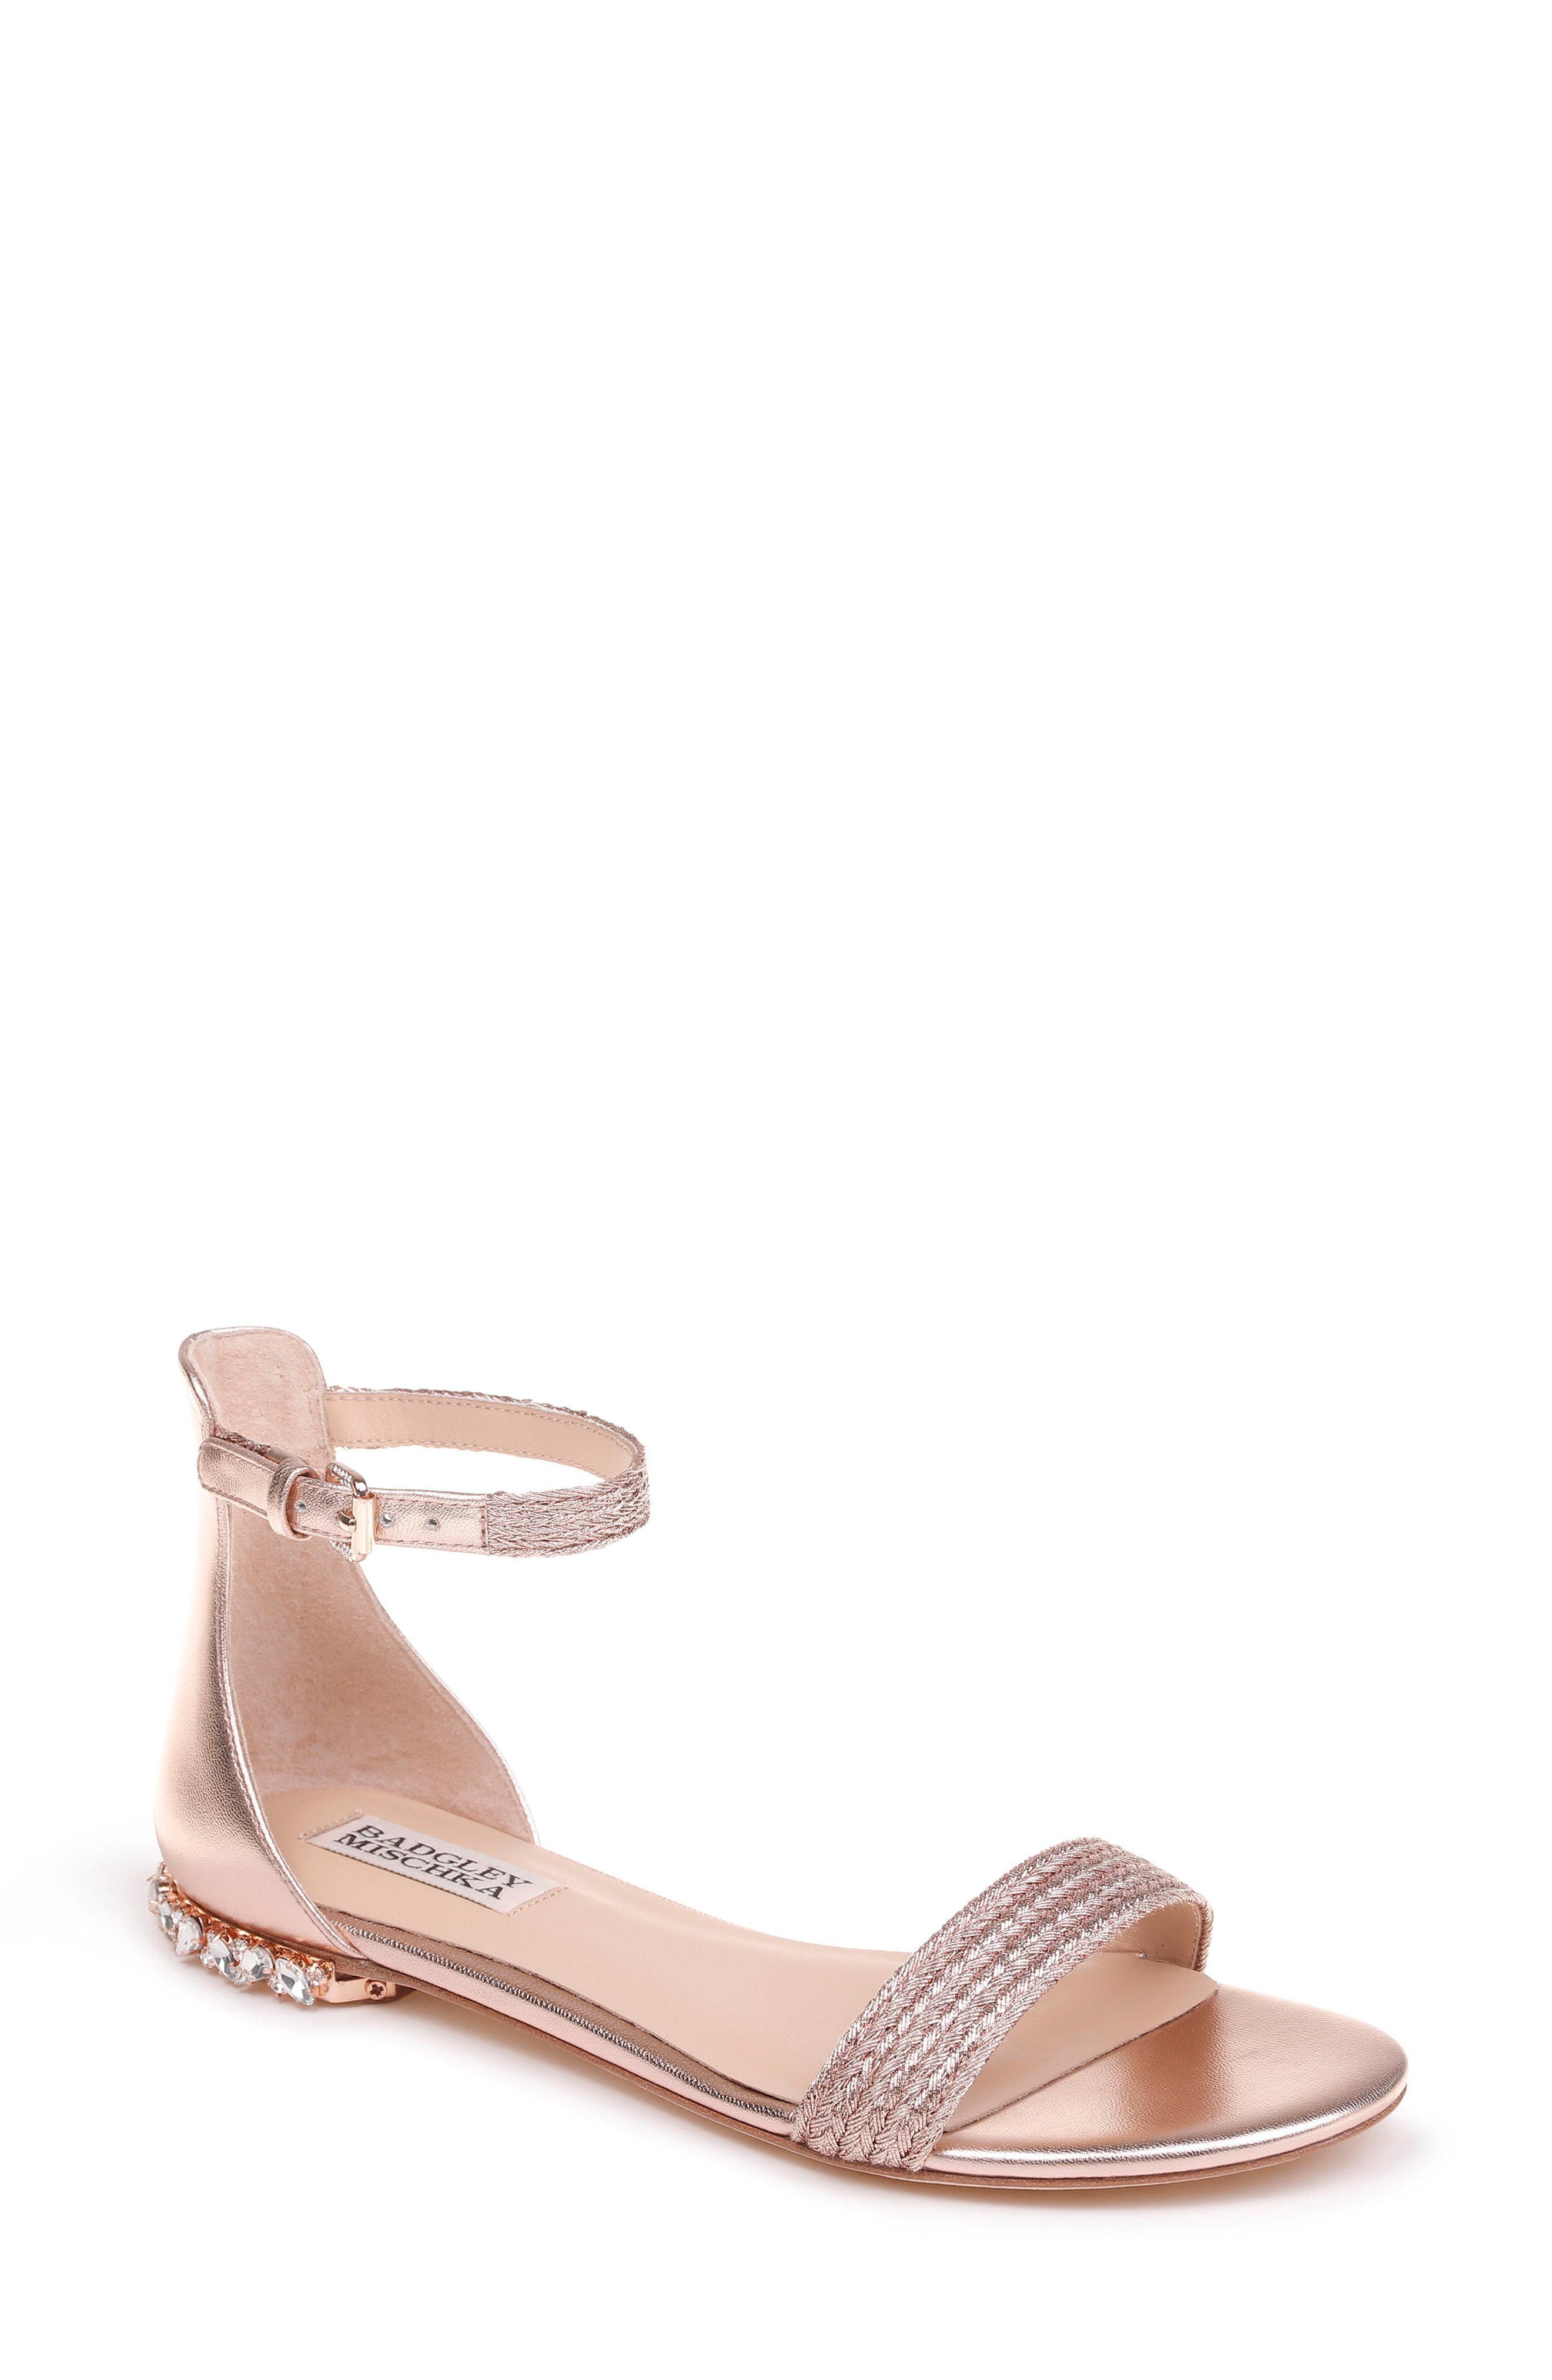 53446ac755f0 Lyst - Badgley Mischka Badgley Mischka Steffie Ankle Strap Sandal in ...